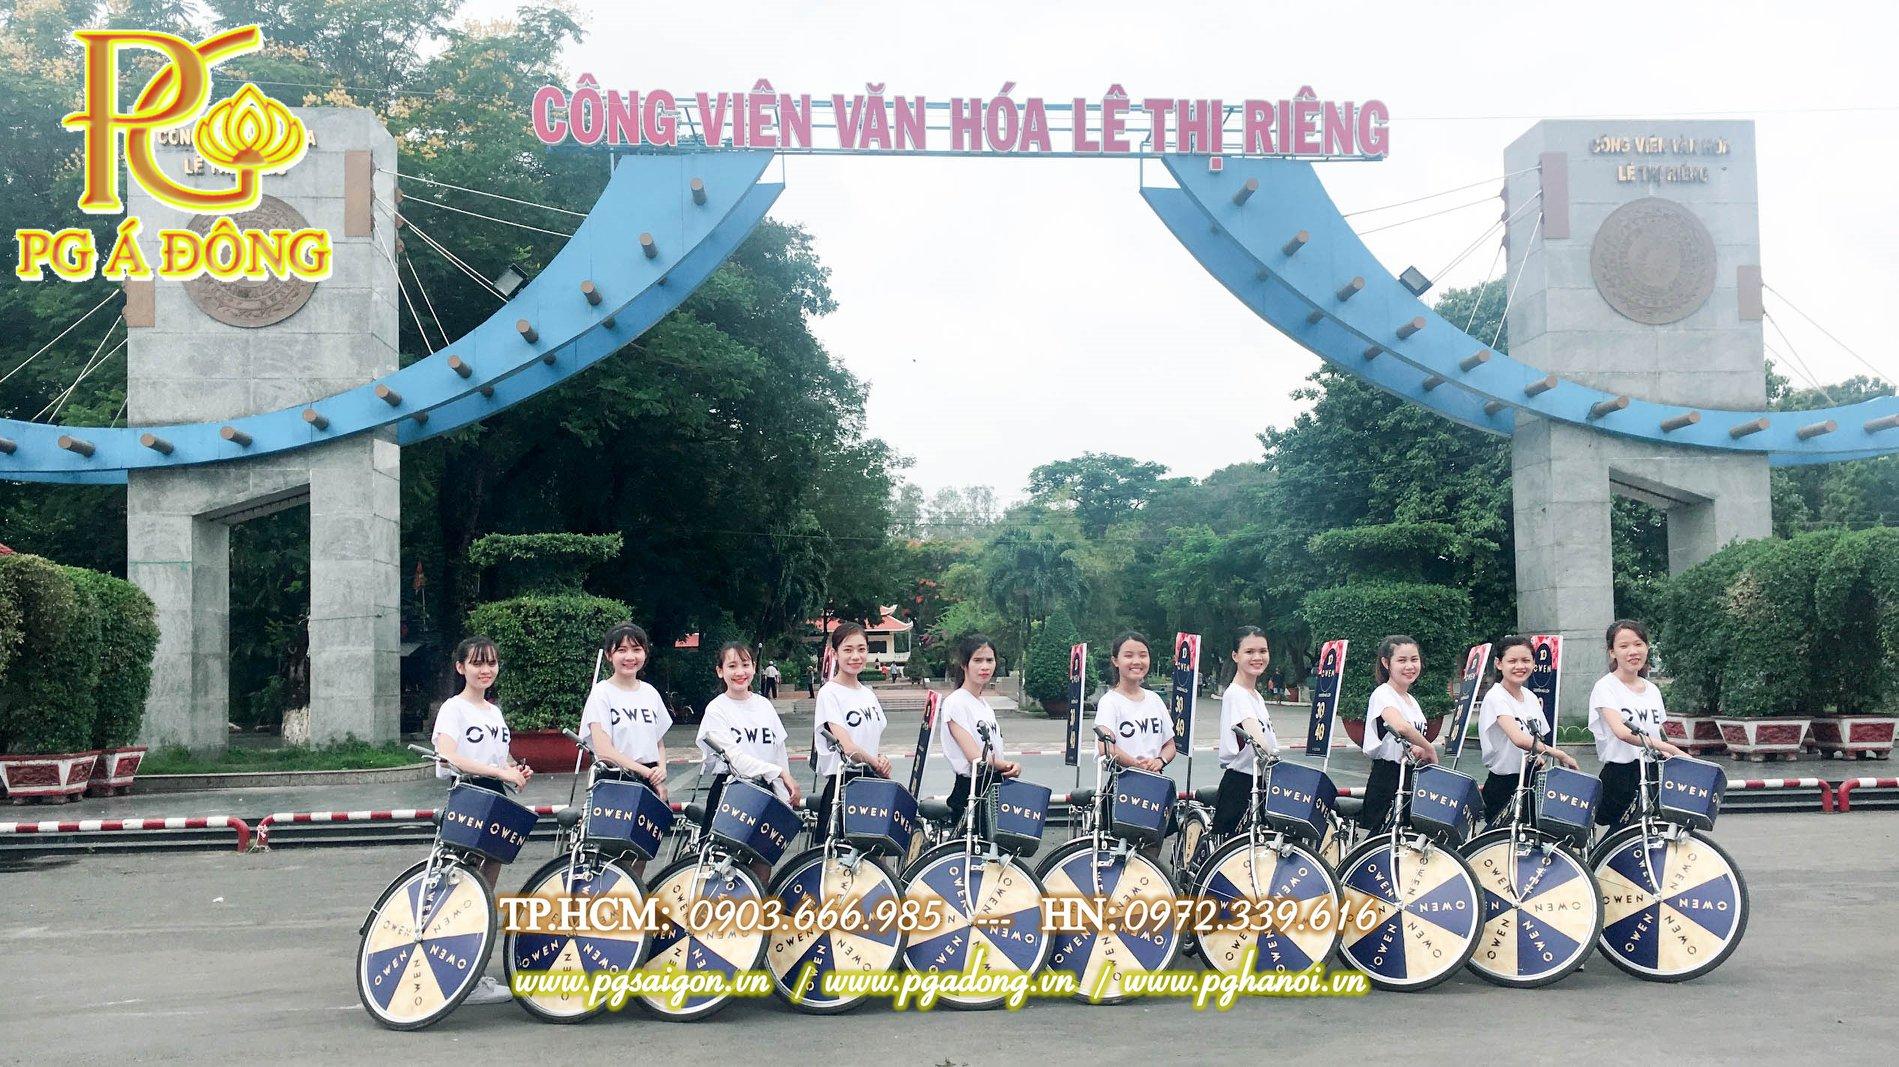 Đoàn roadshow xe đạp tại công viên Lê Thị Riêng